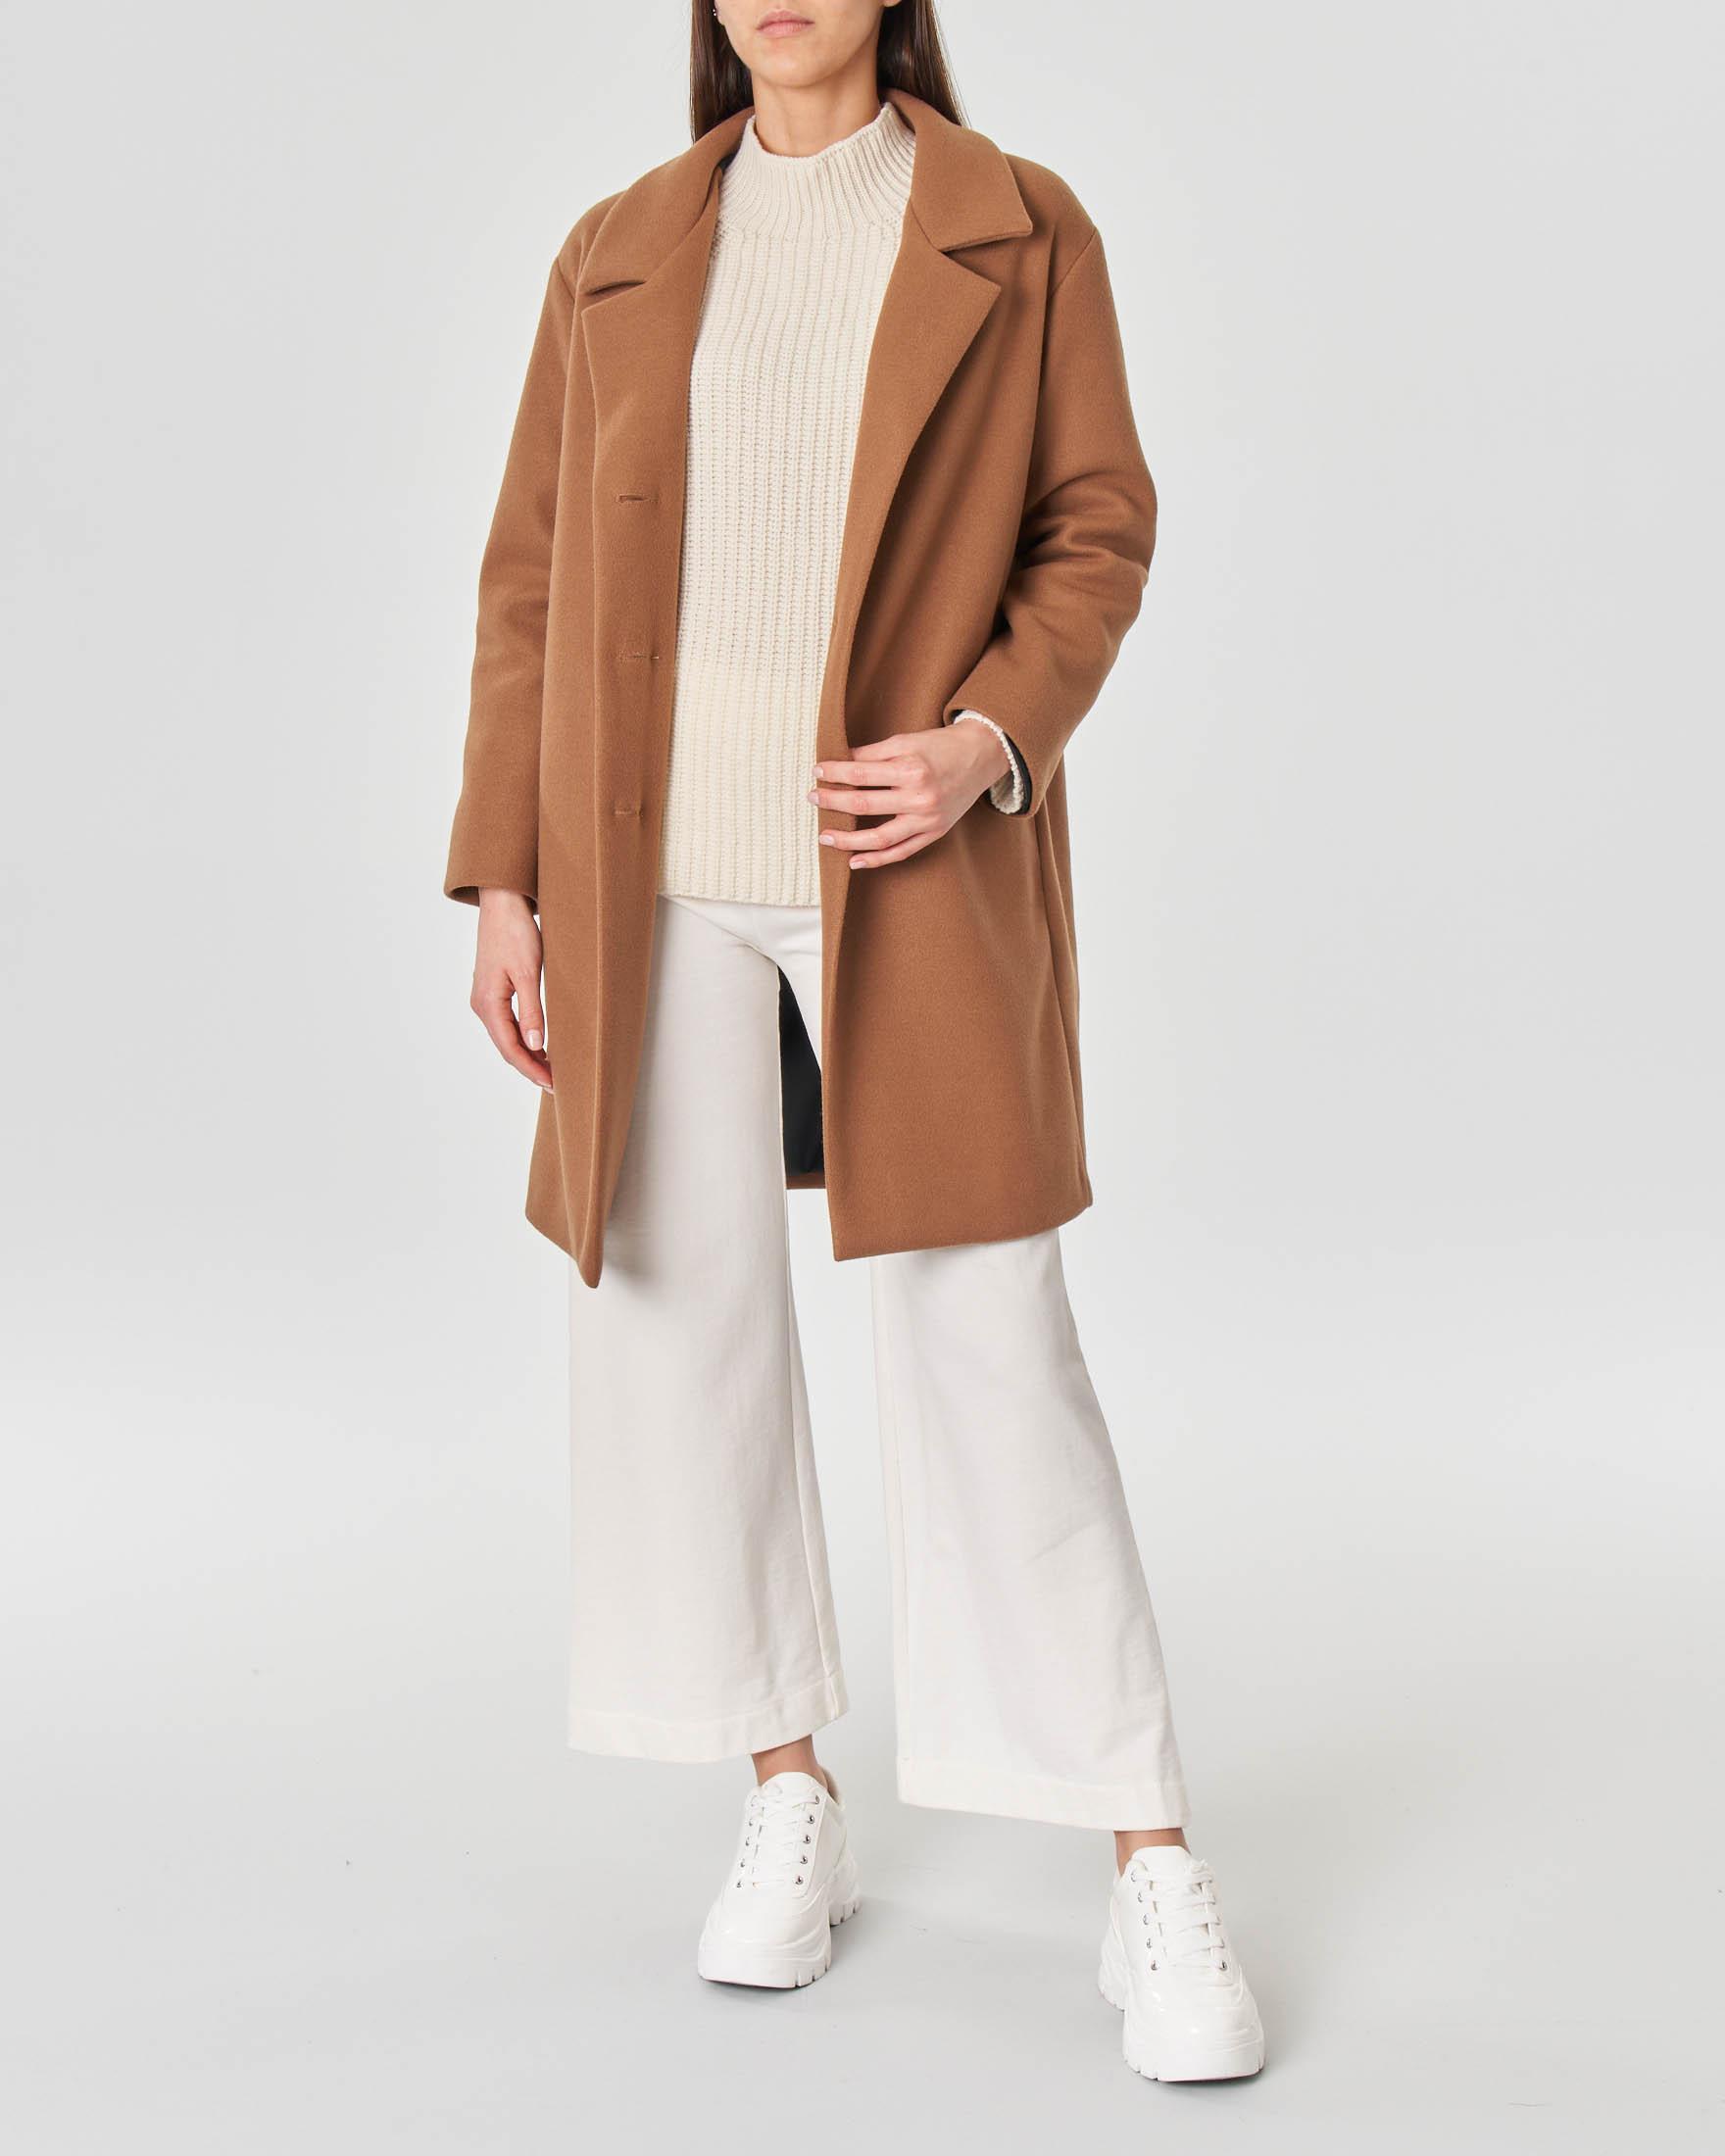 Cappotto color cammello a ovetto con scollo a rever e chiusura a tre bottoni